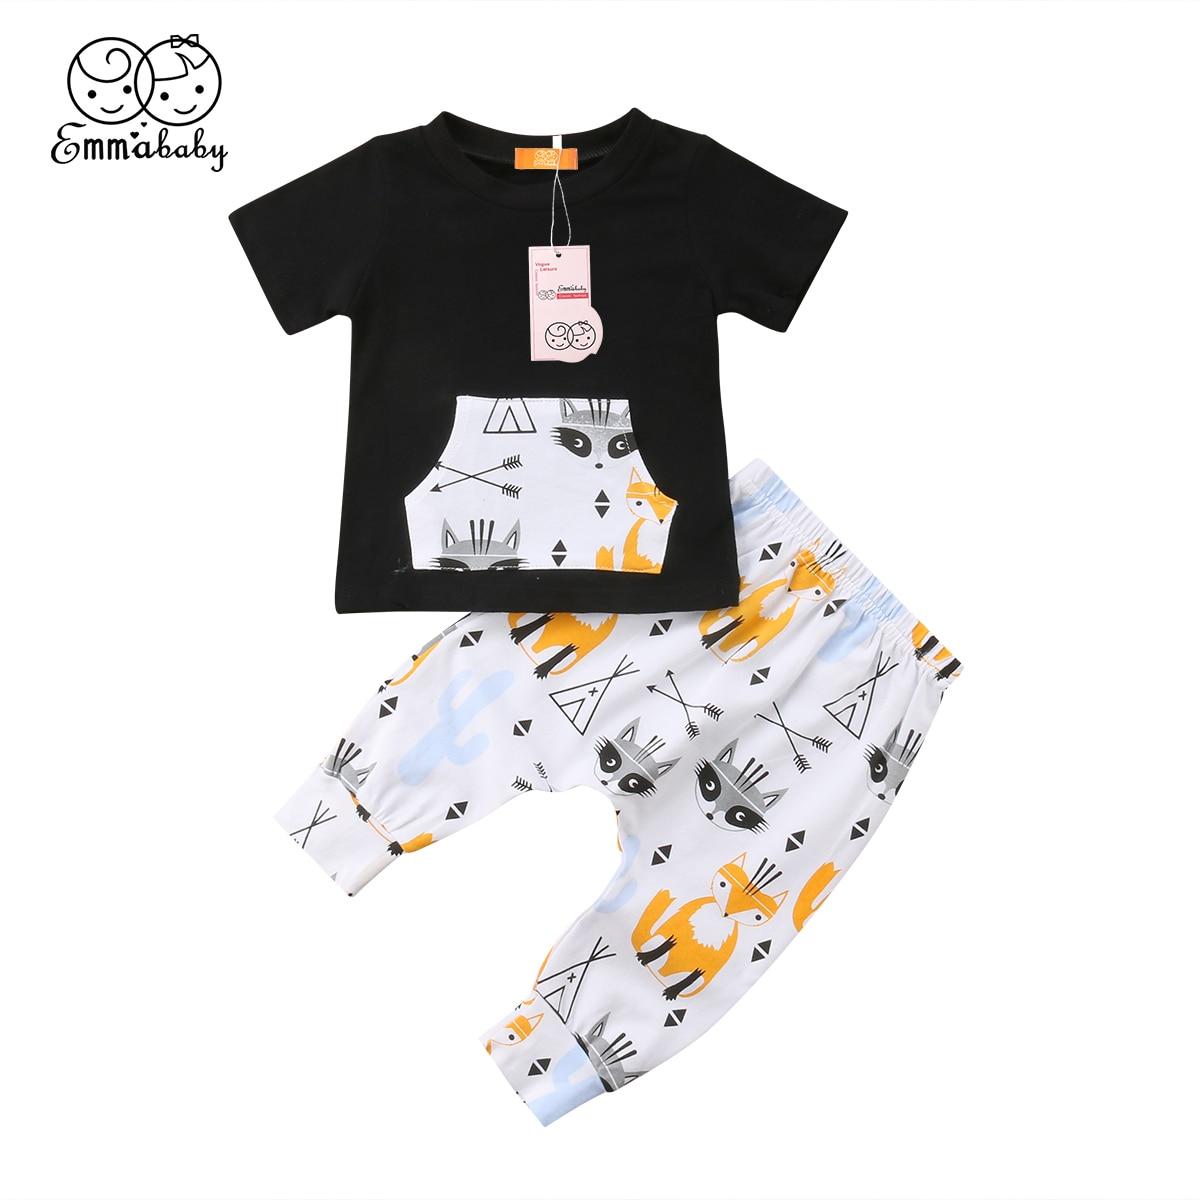 Комплект повседневной одежды из 2 предметов для маленьких мальчиков, футболка с коротким рукавом + штаны с принтом, хлопковые комплекты одеж...